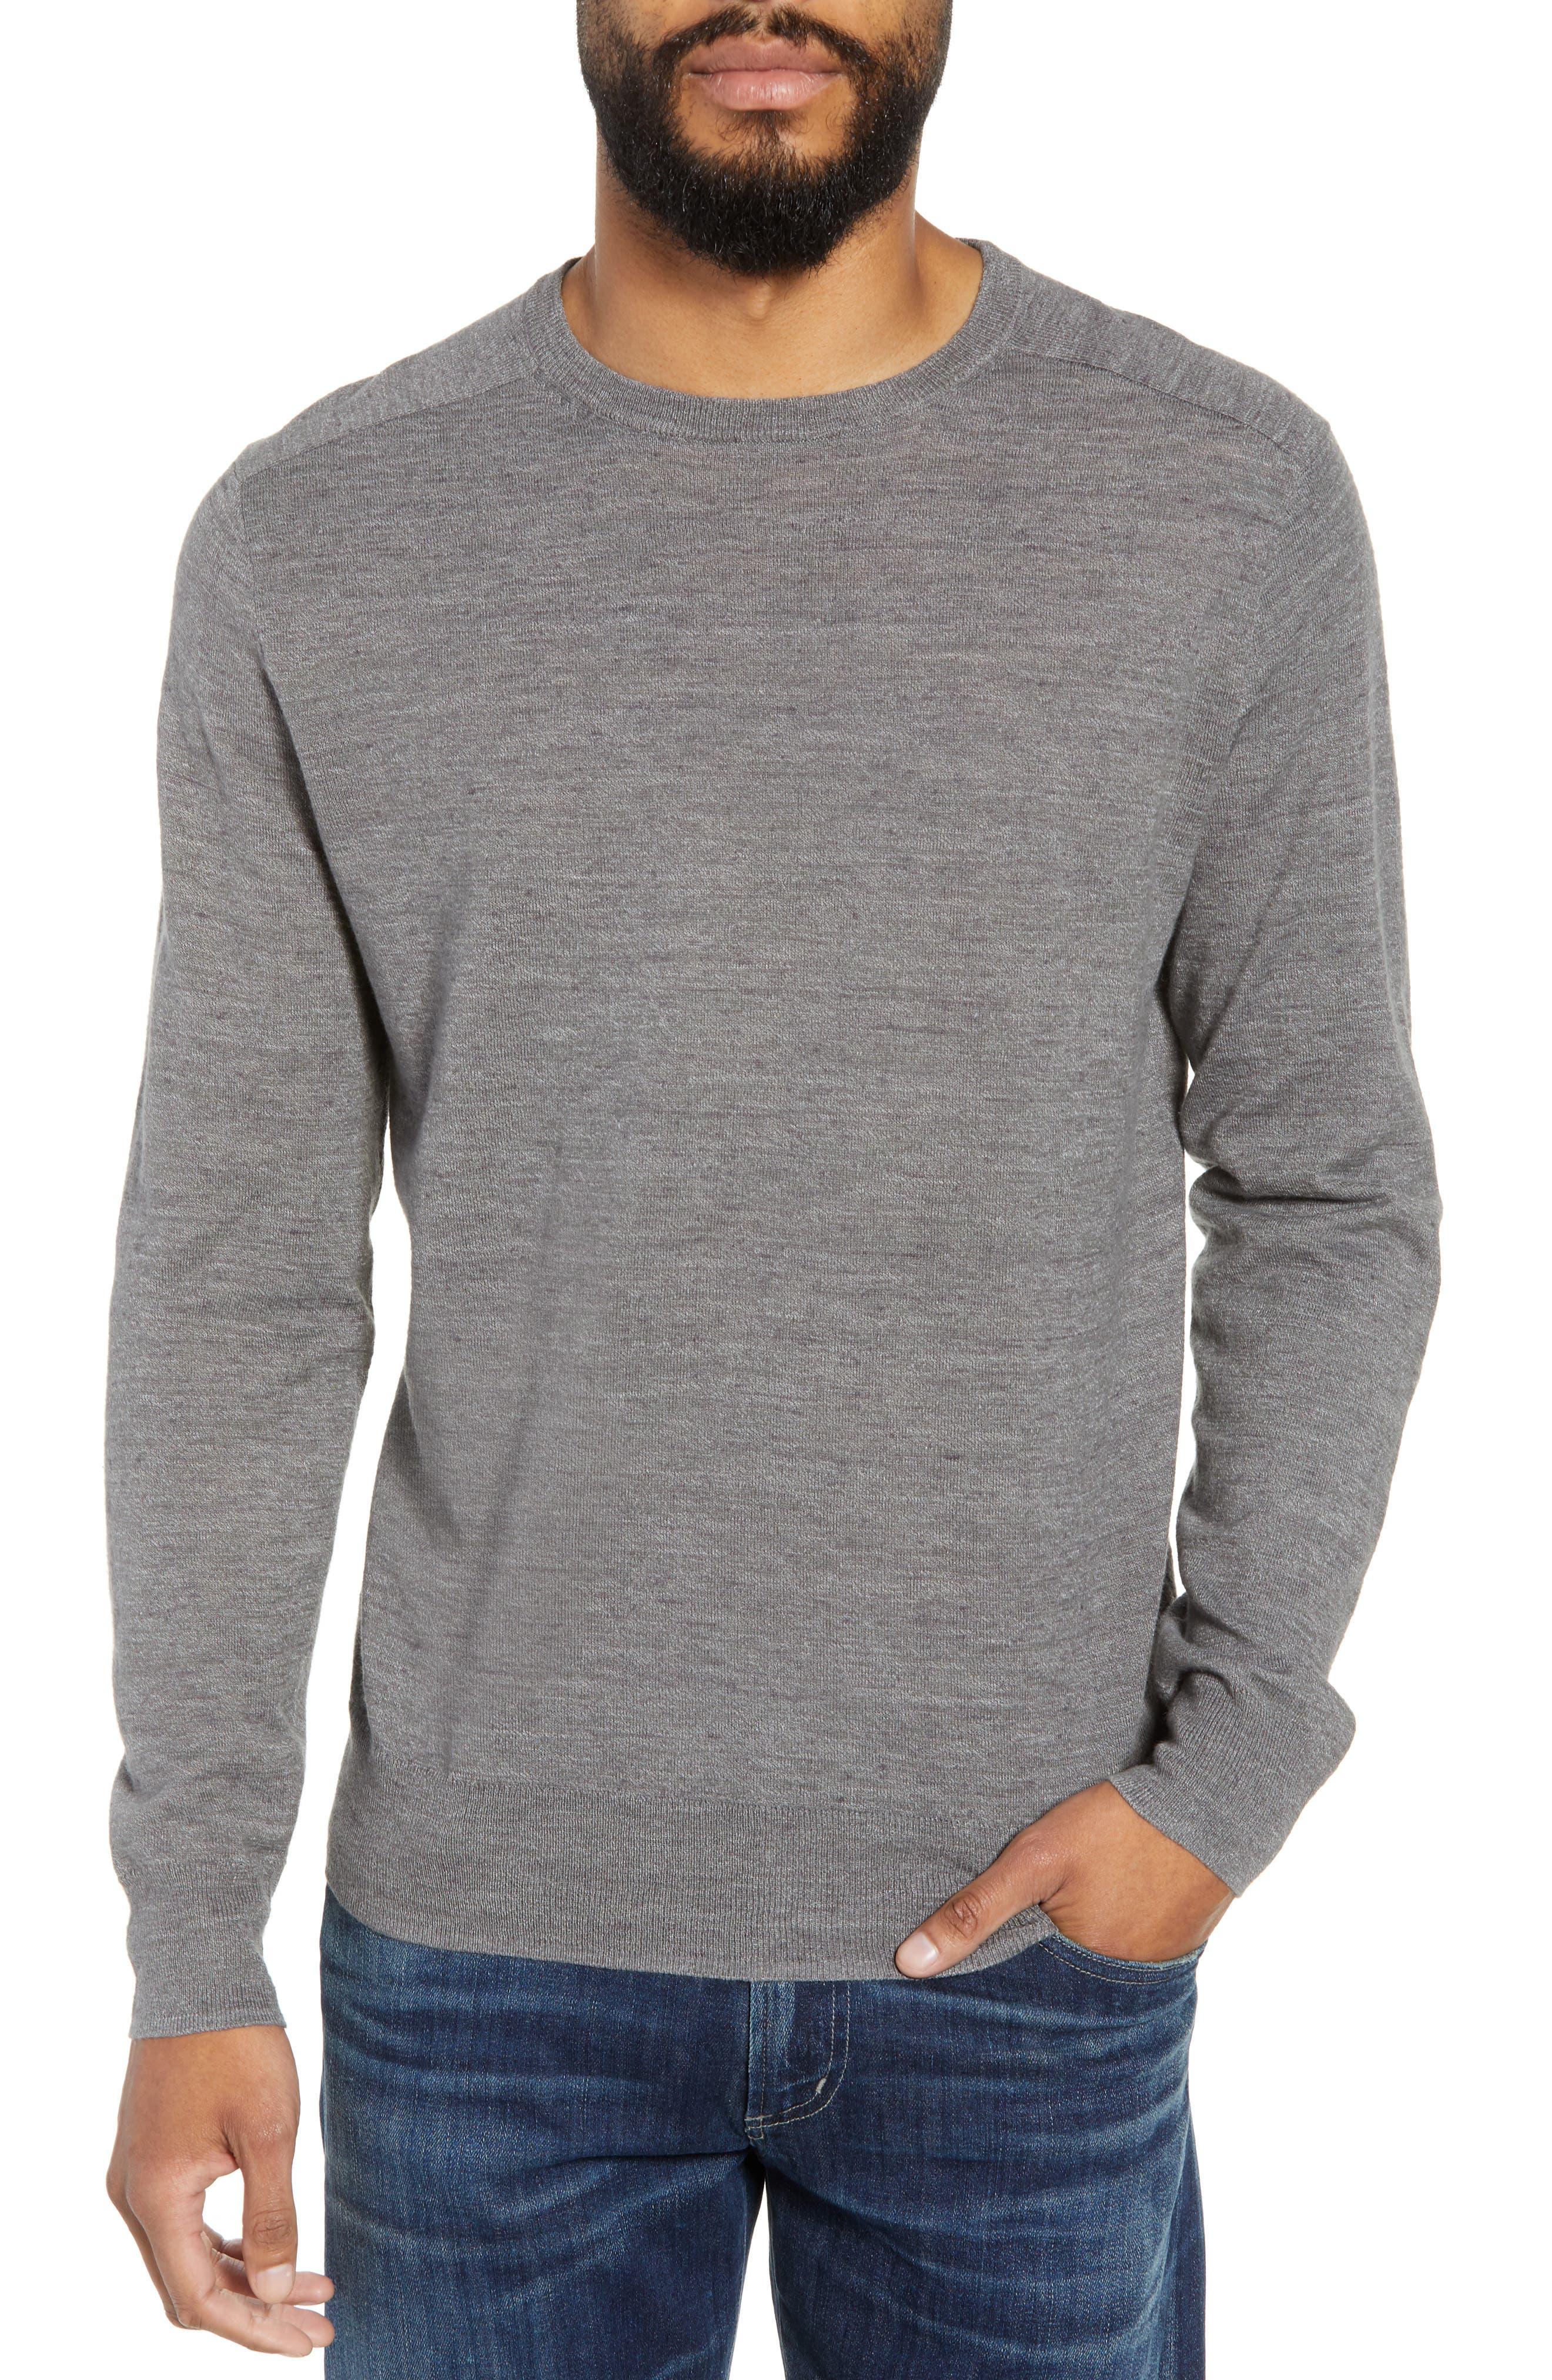 Cotton Blend Crewneck Sweater,                             Main thumbnail 1, color,